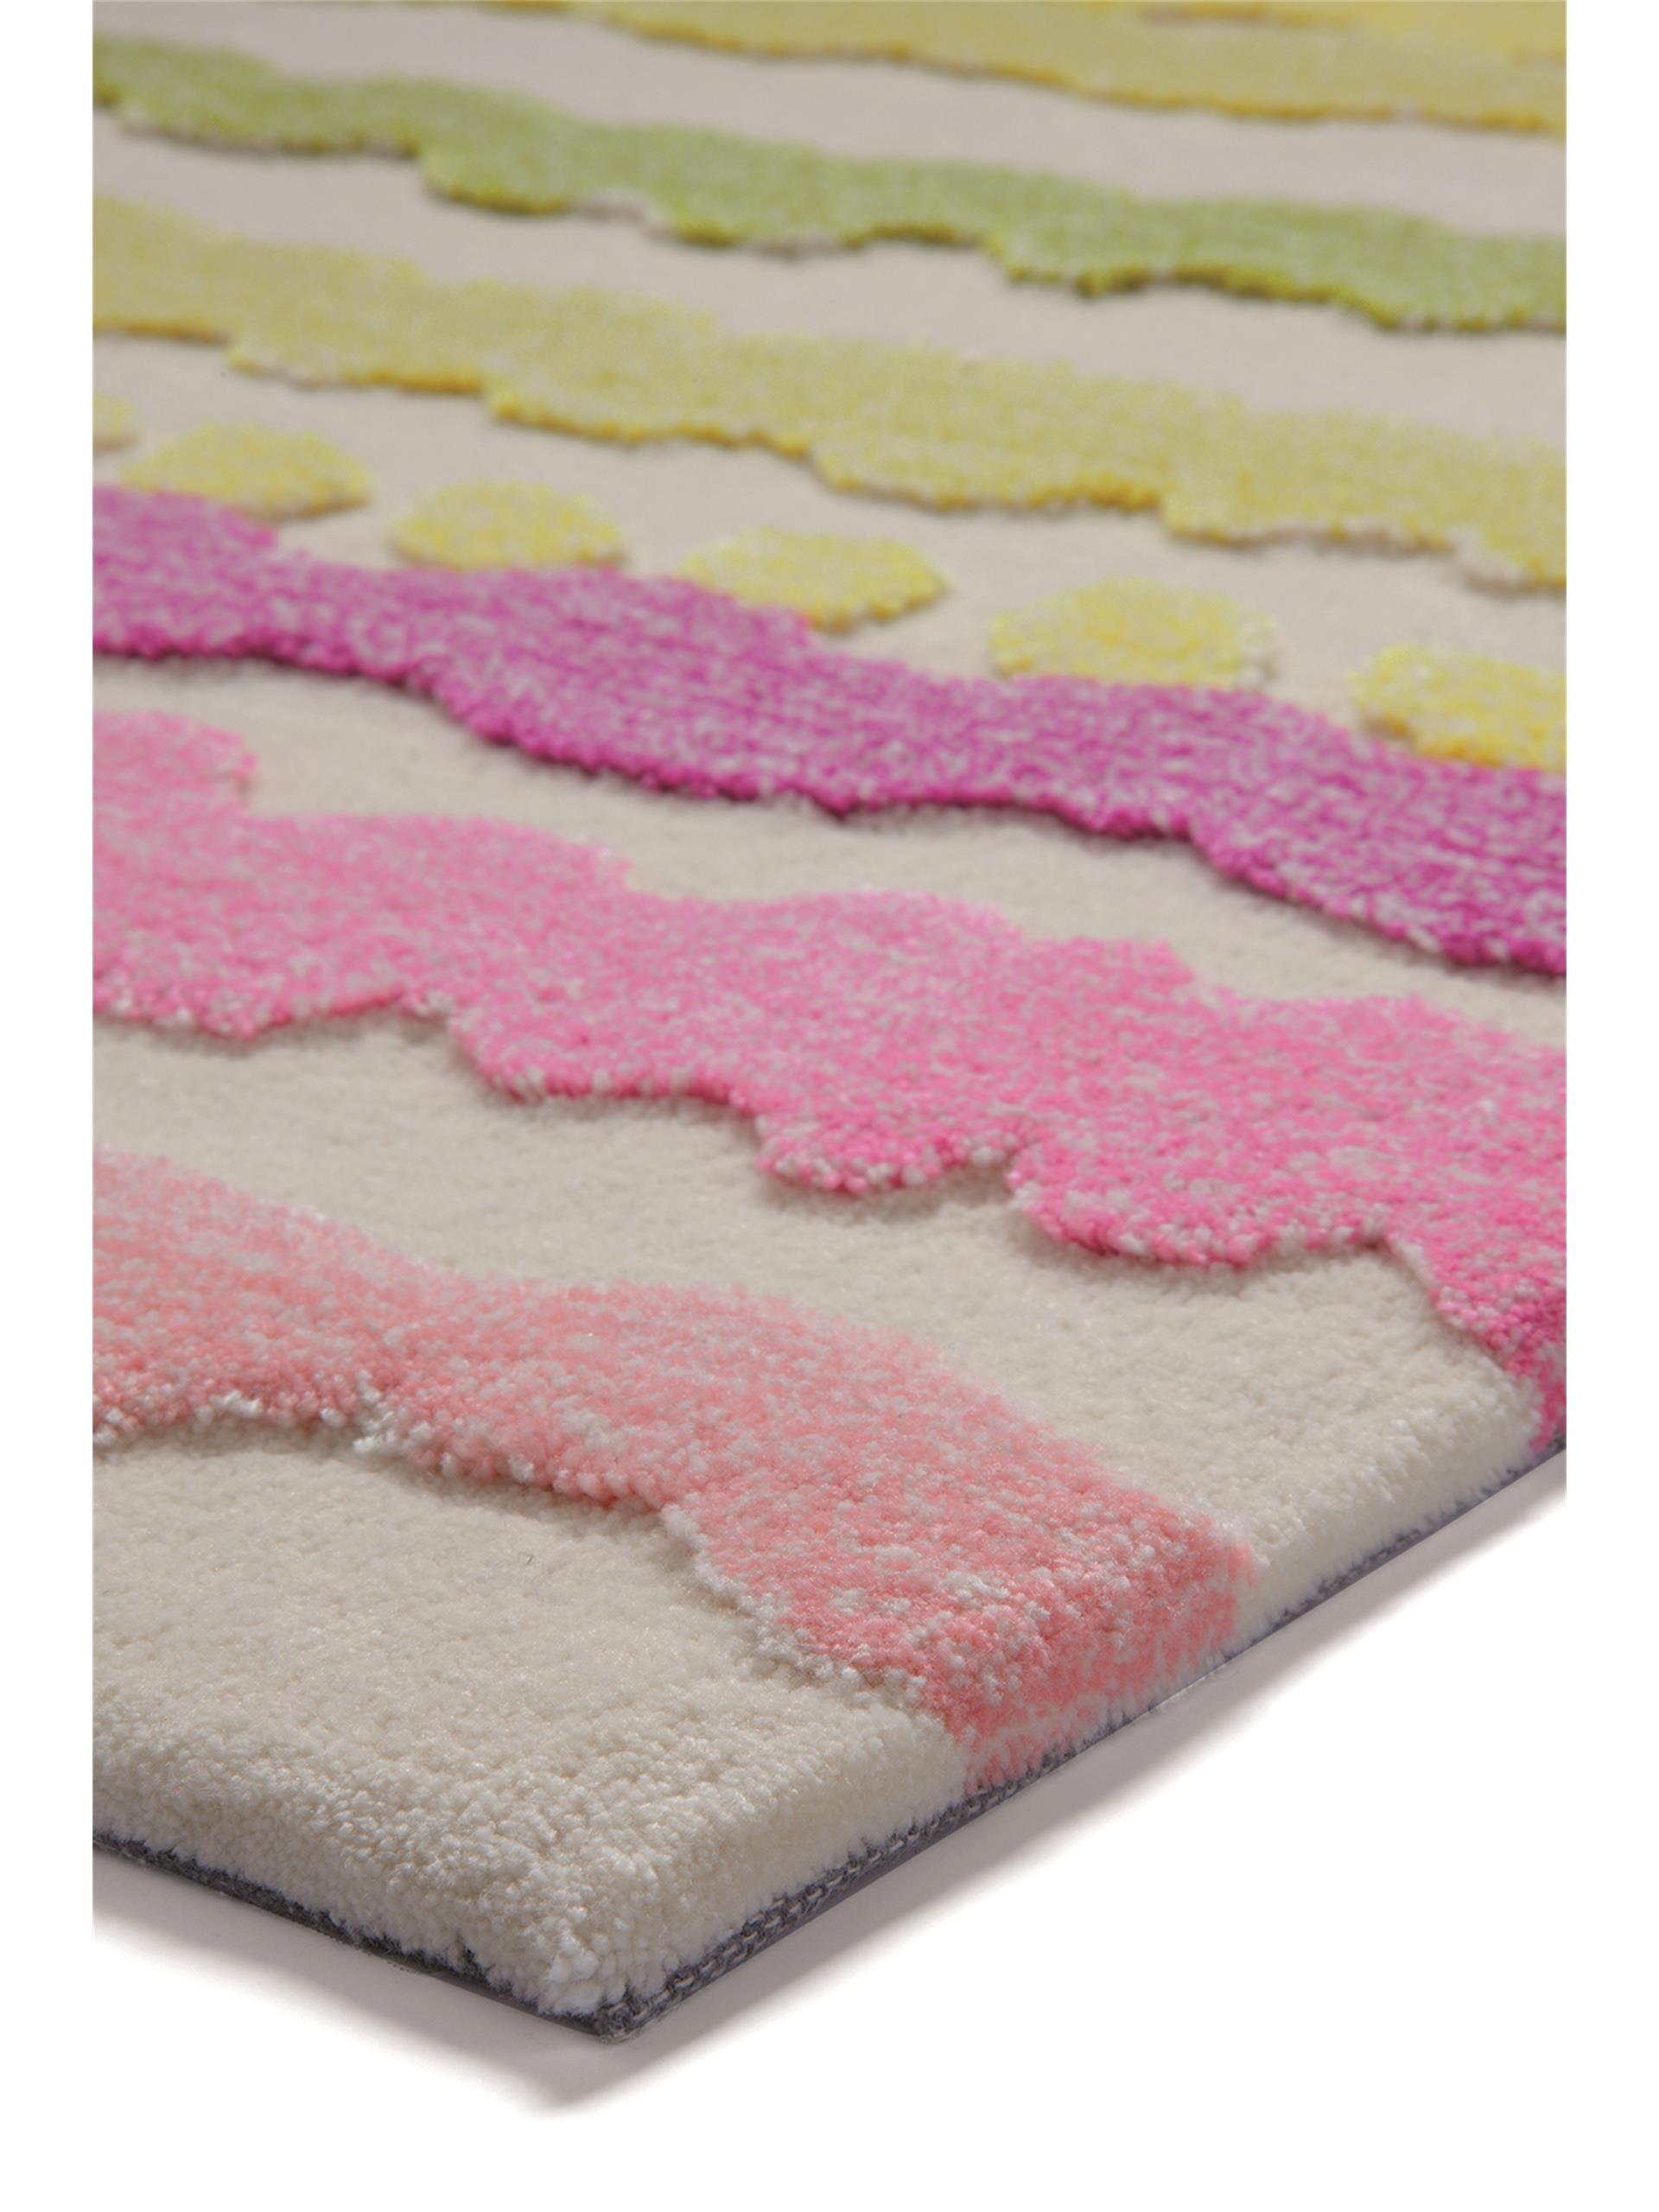 Esprit Kid's rug Paths Of Fantasy Multicolour 170x240 cm